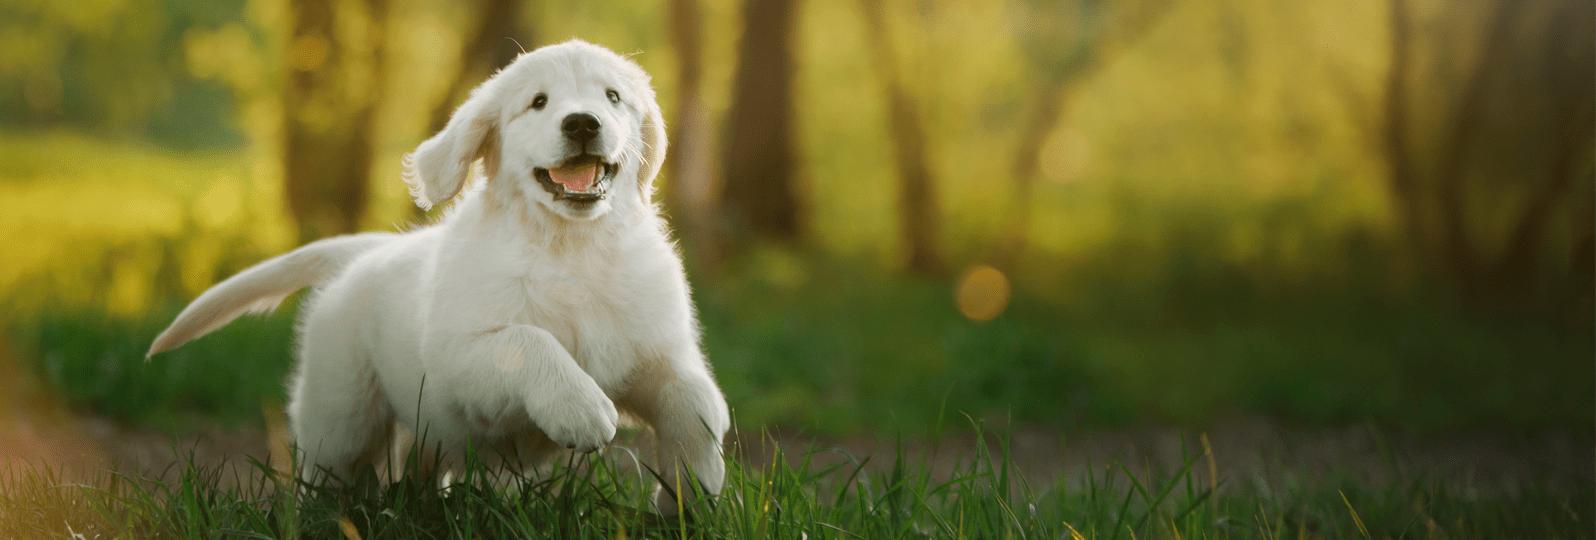 dogingrass-1-min